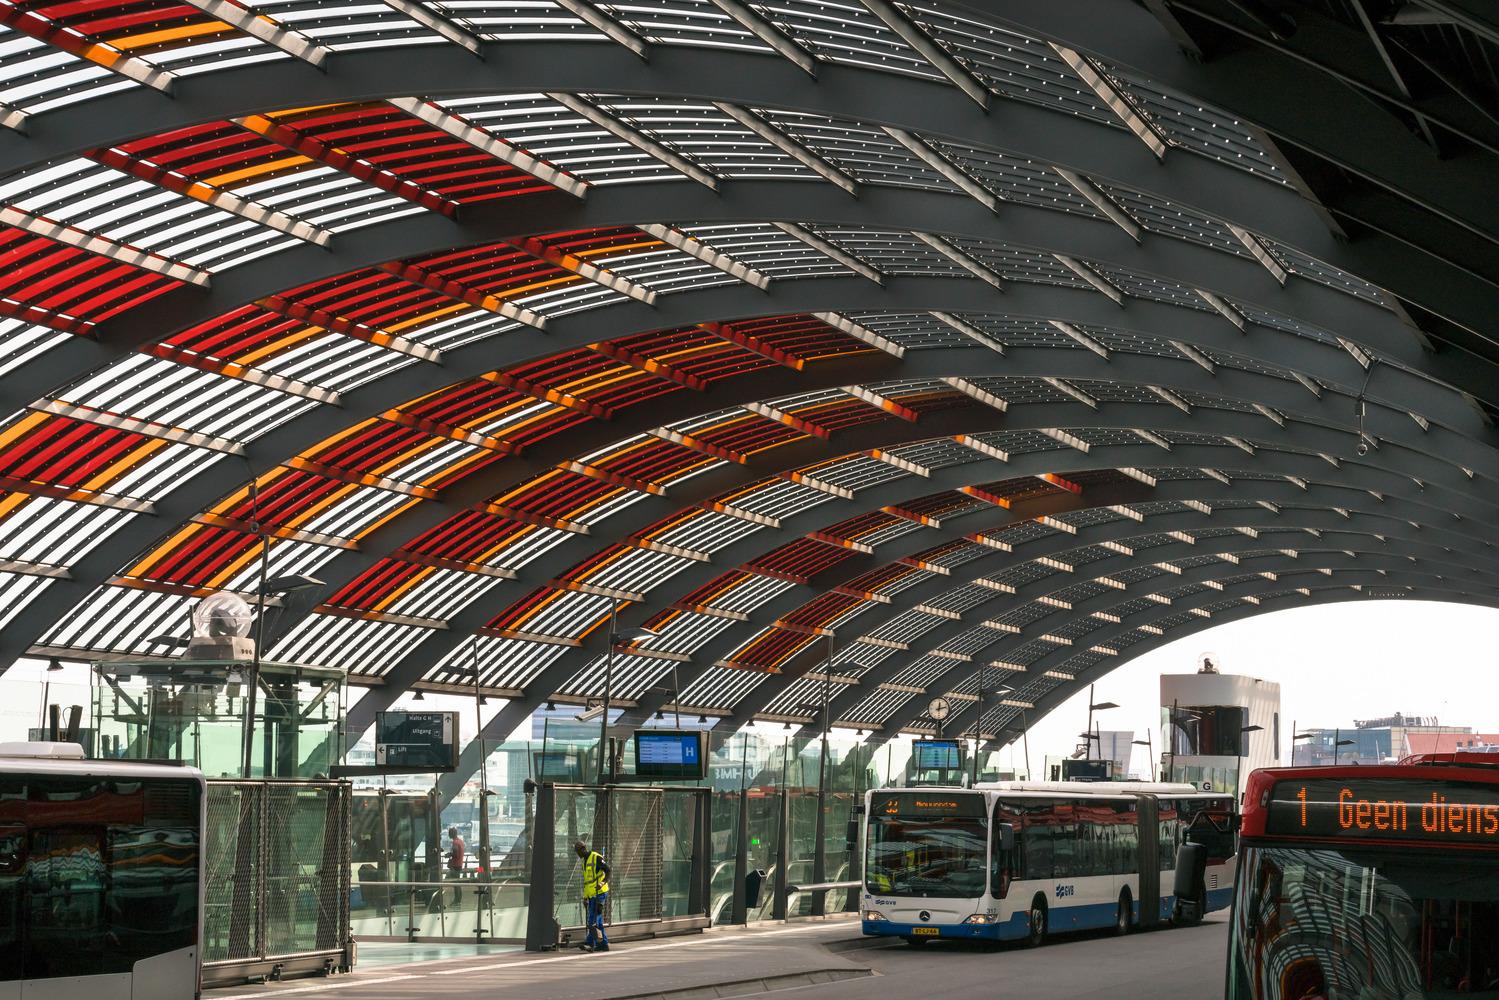 427 Kap busstation Amsterdam CS 427 N10 medium